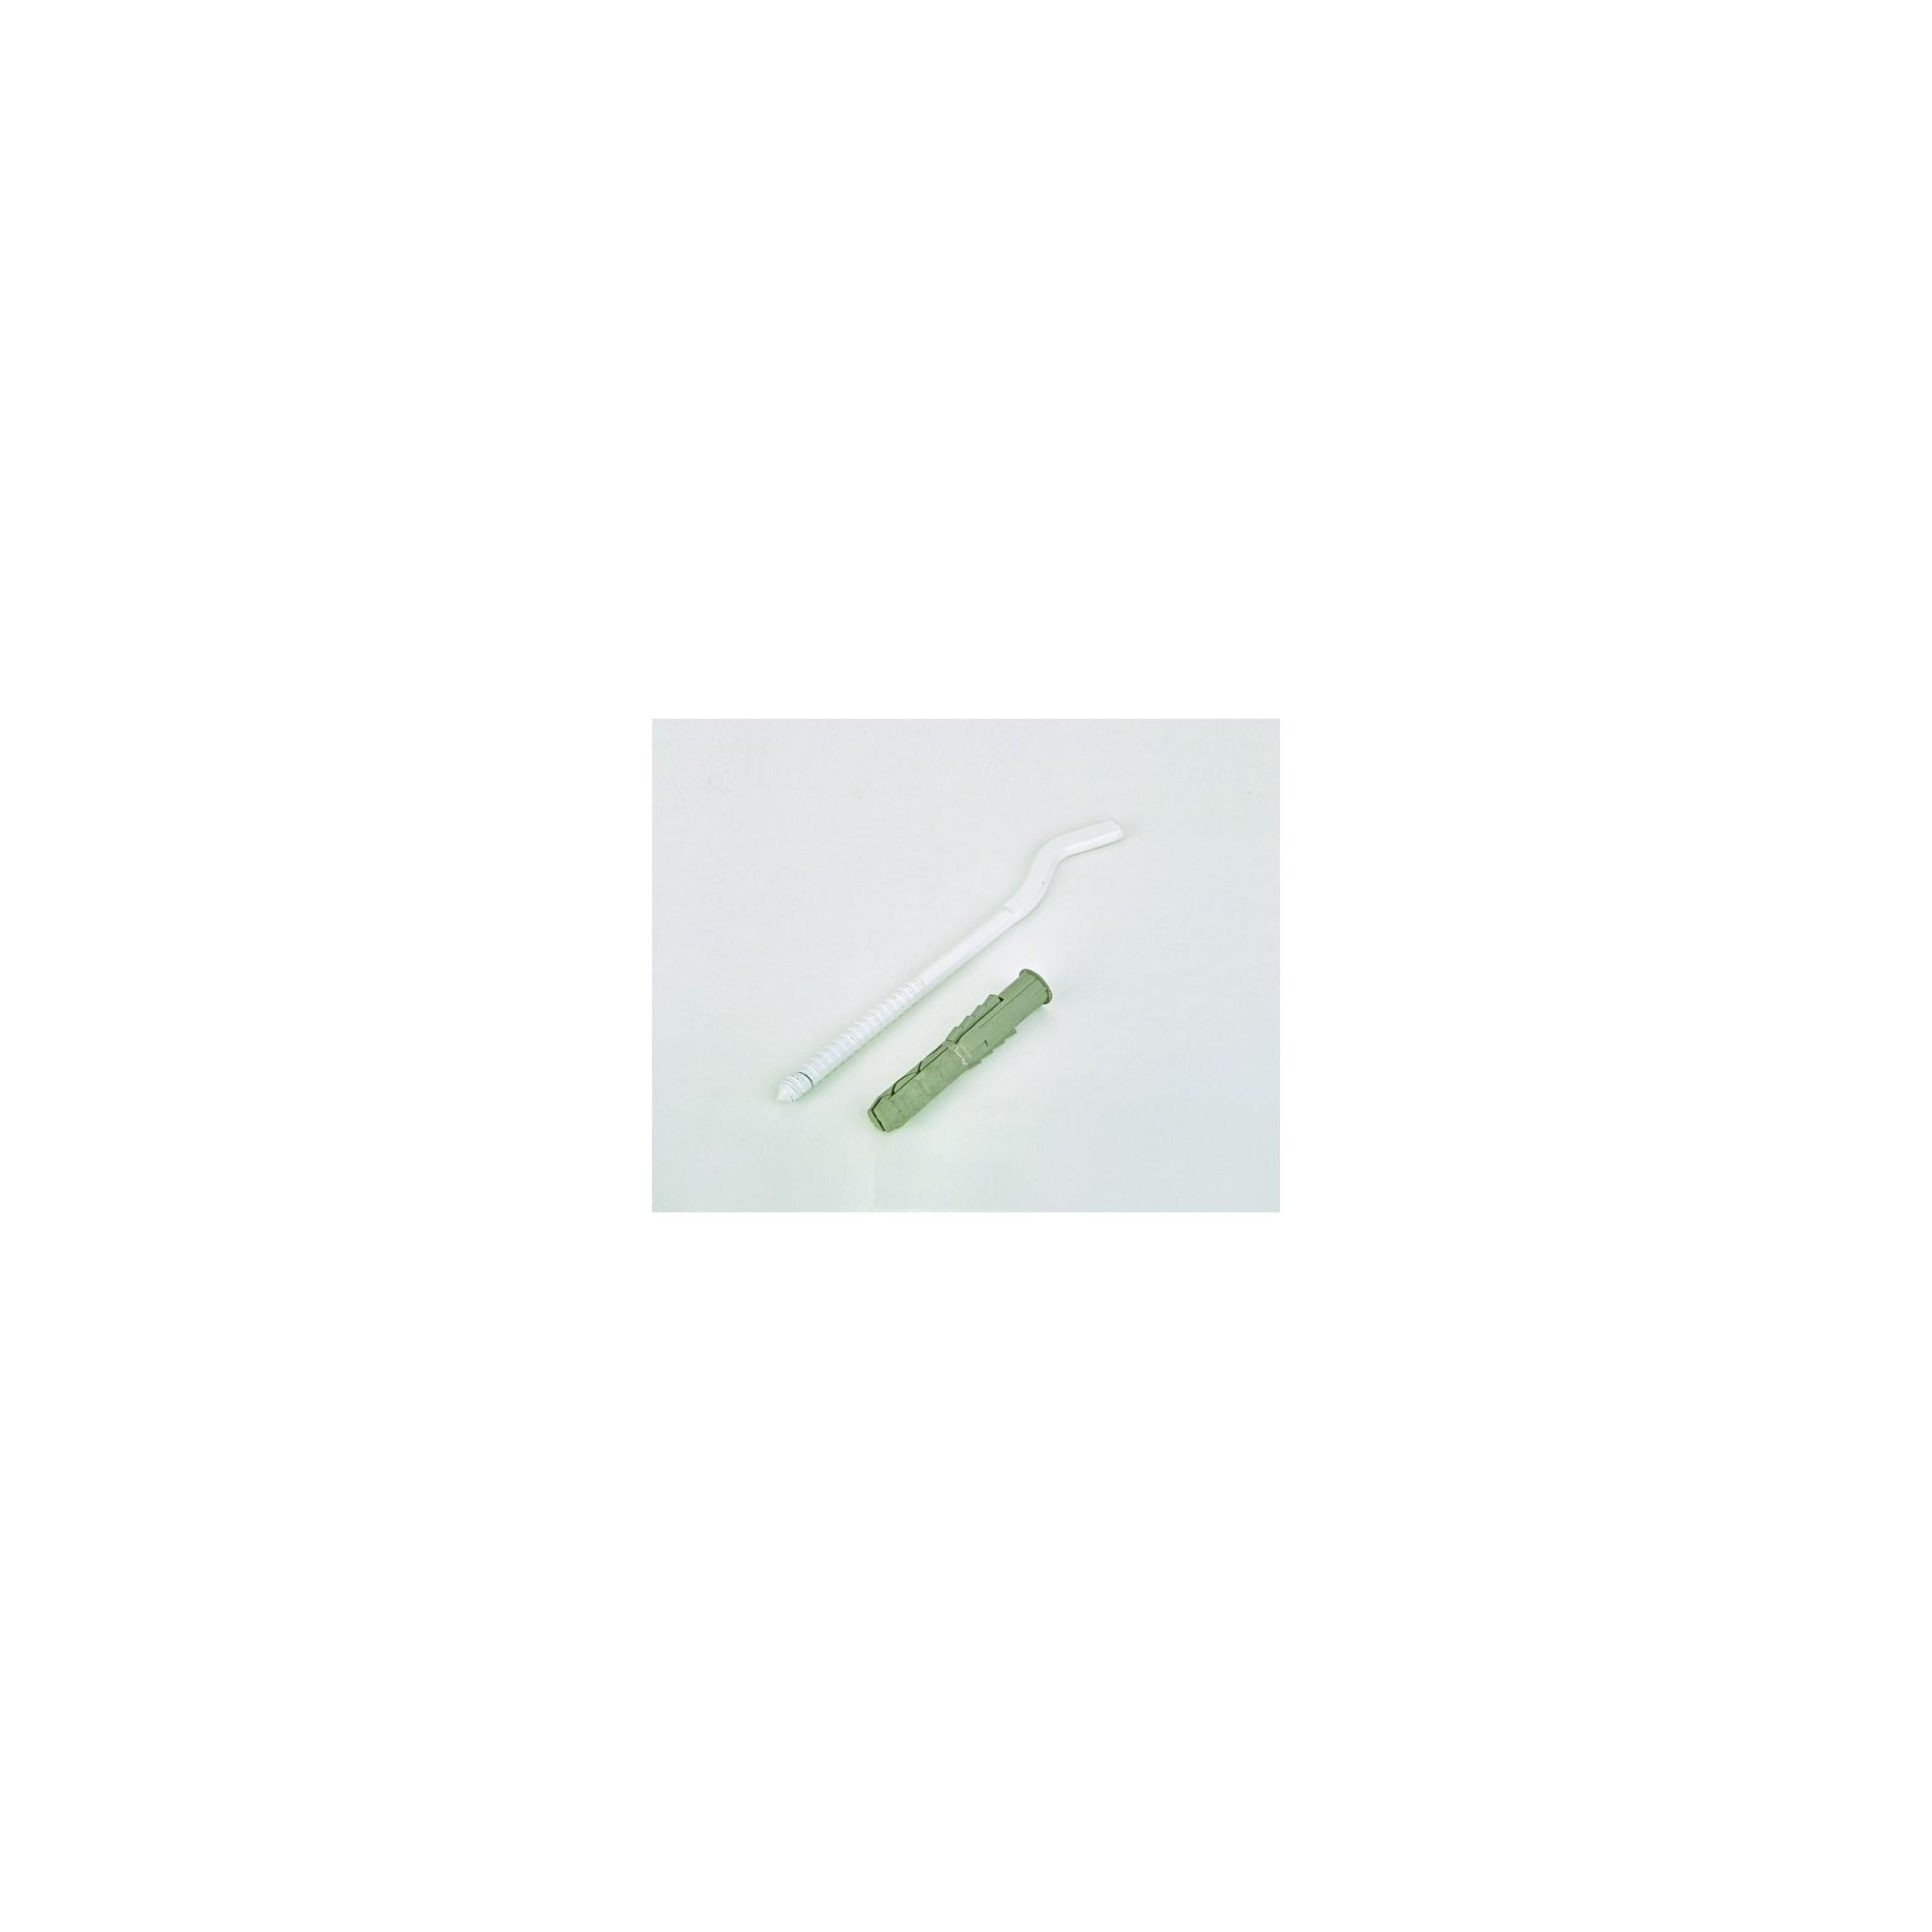 Кронштейн для чугунного радиатора BIG 230мм*10мм SA U4, пара J.G. - 1